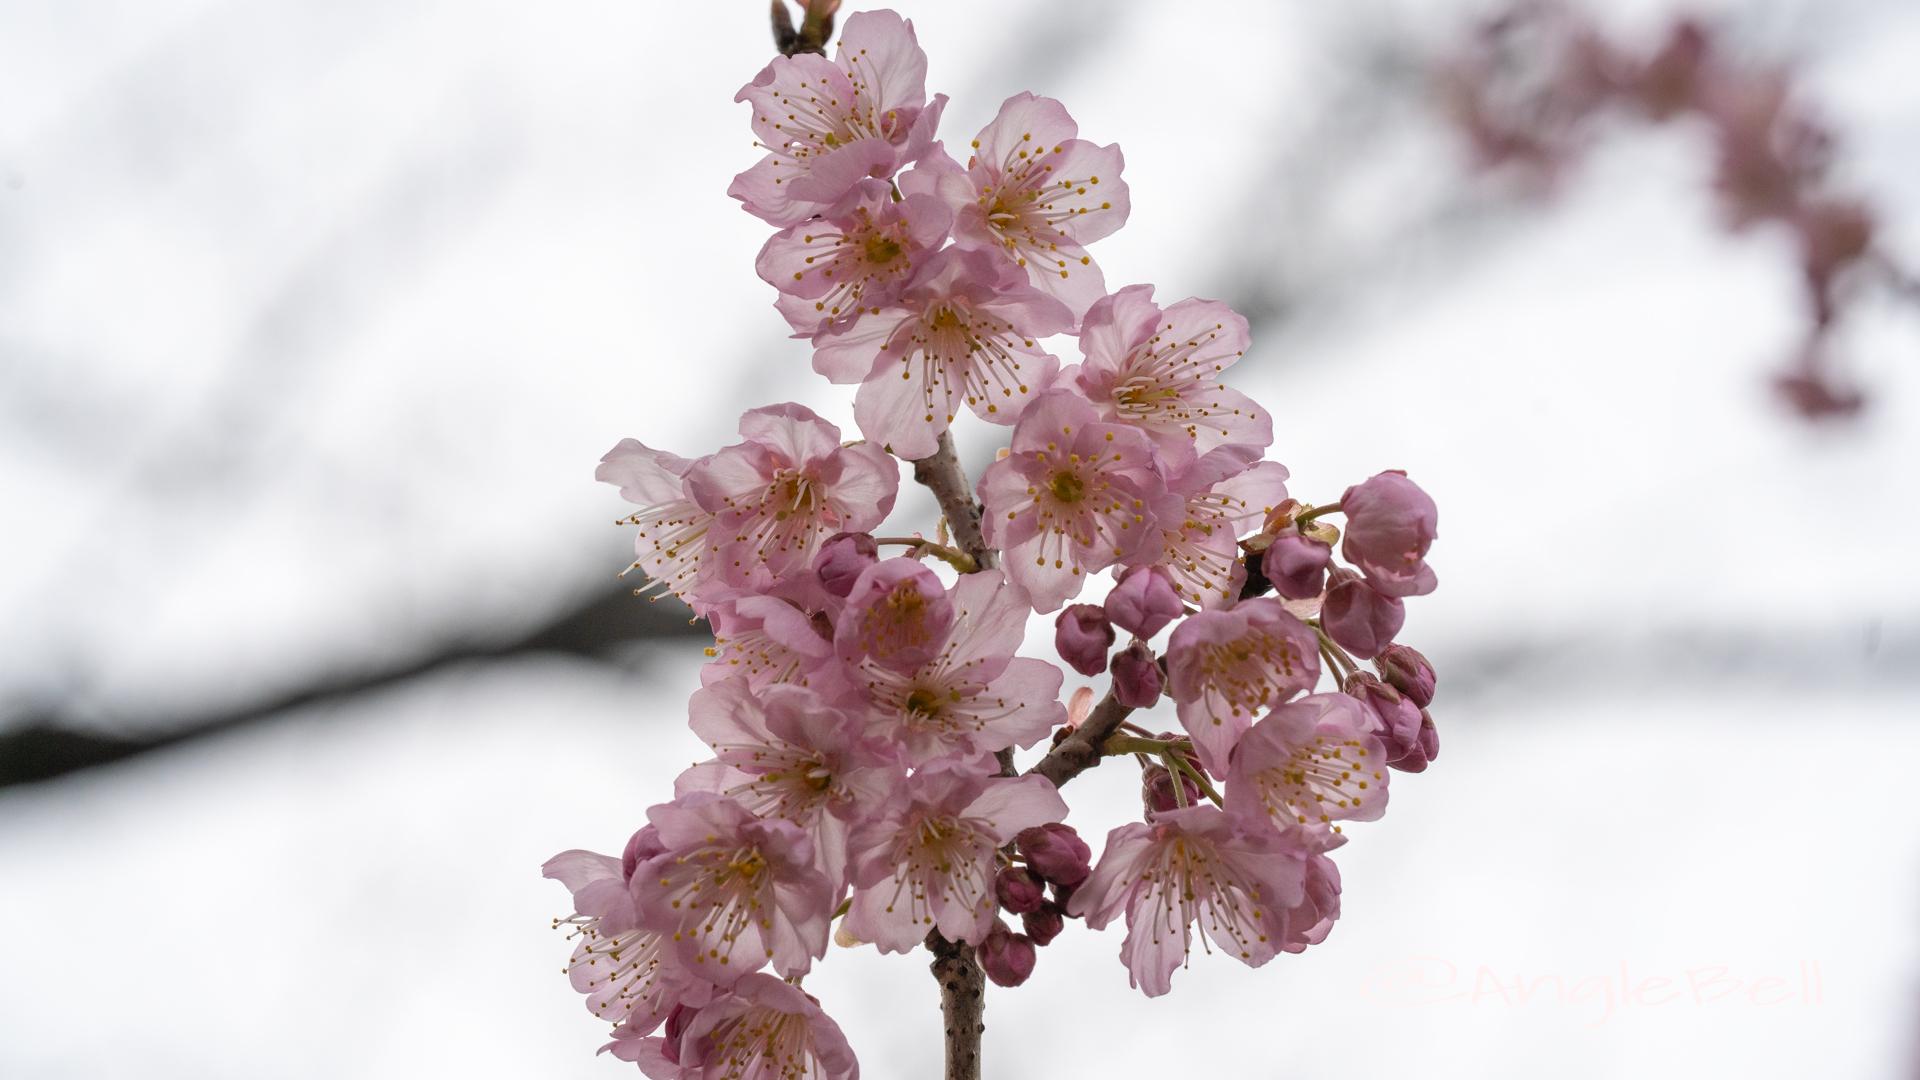 ツバキカンザクラ 椿寒桜Flower Photo2020_3